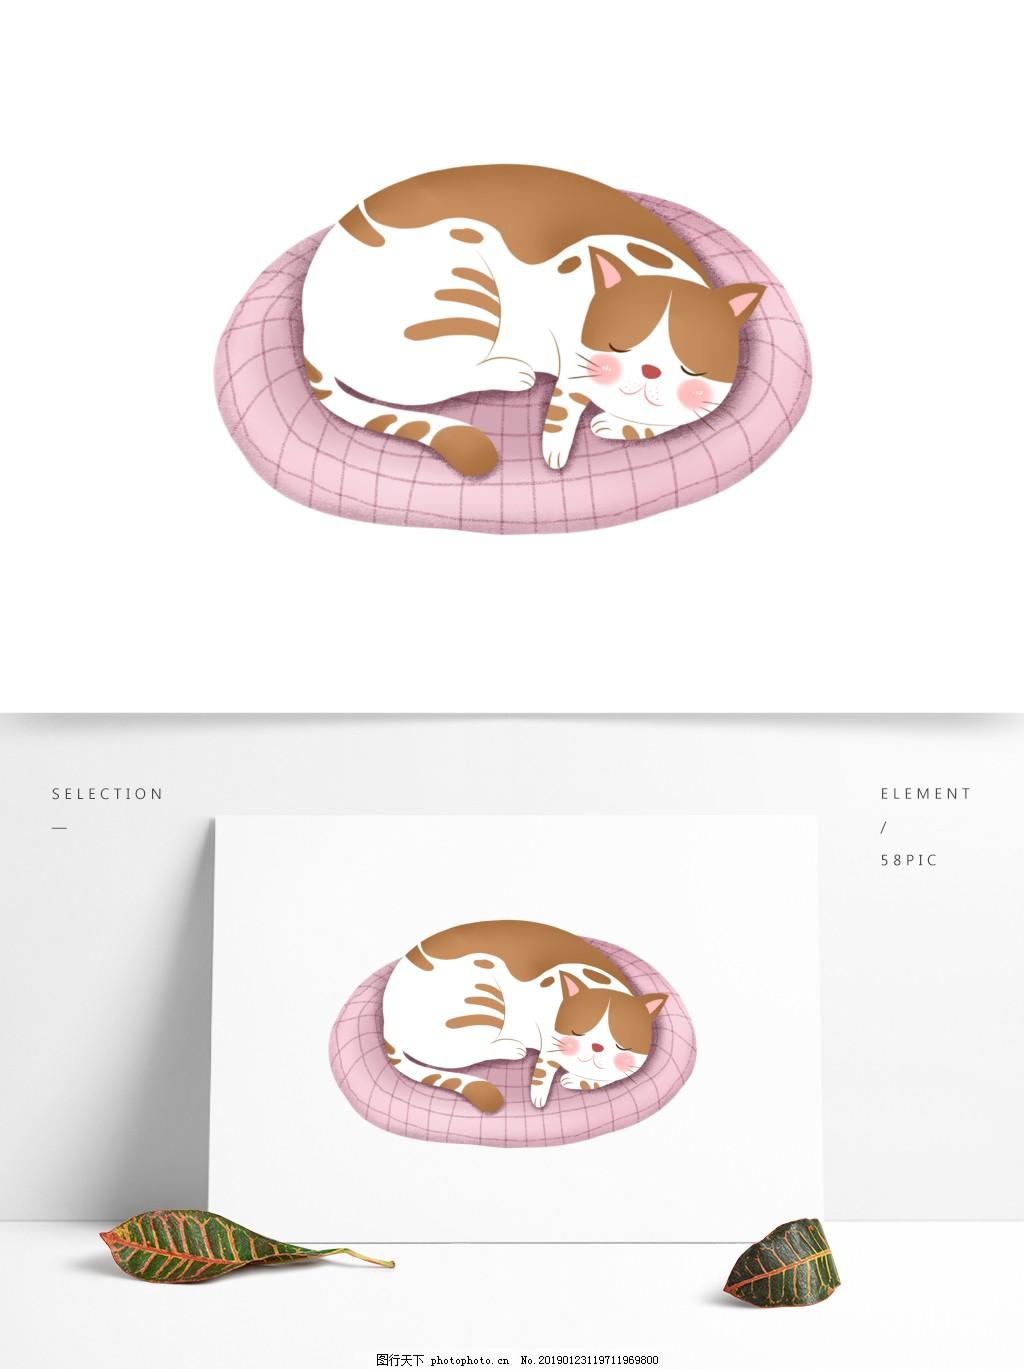 励志小人矢量图标素材_可爱卡通猫咪图案元素图片_装饰图案_设计元素-图行天下素材网